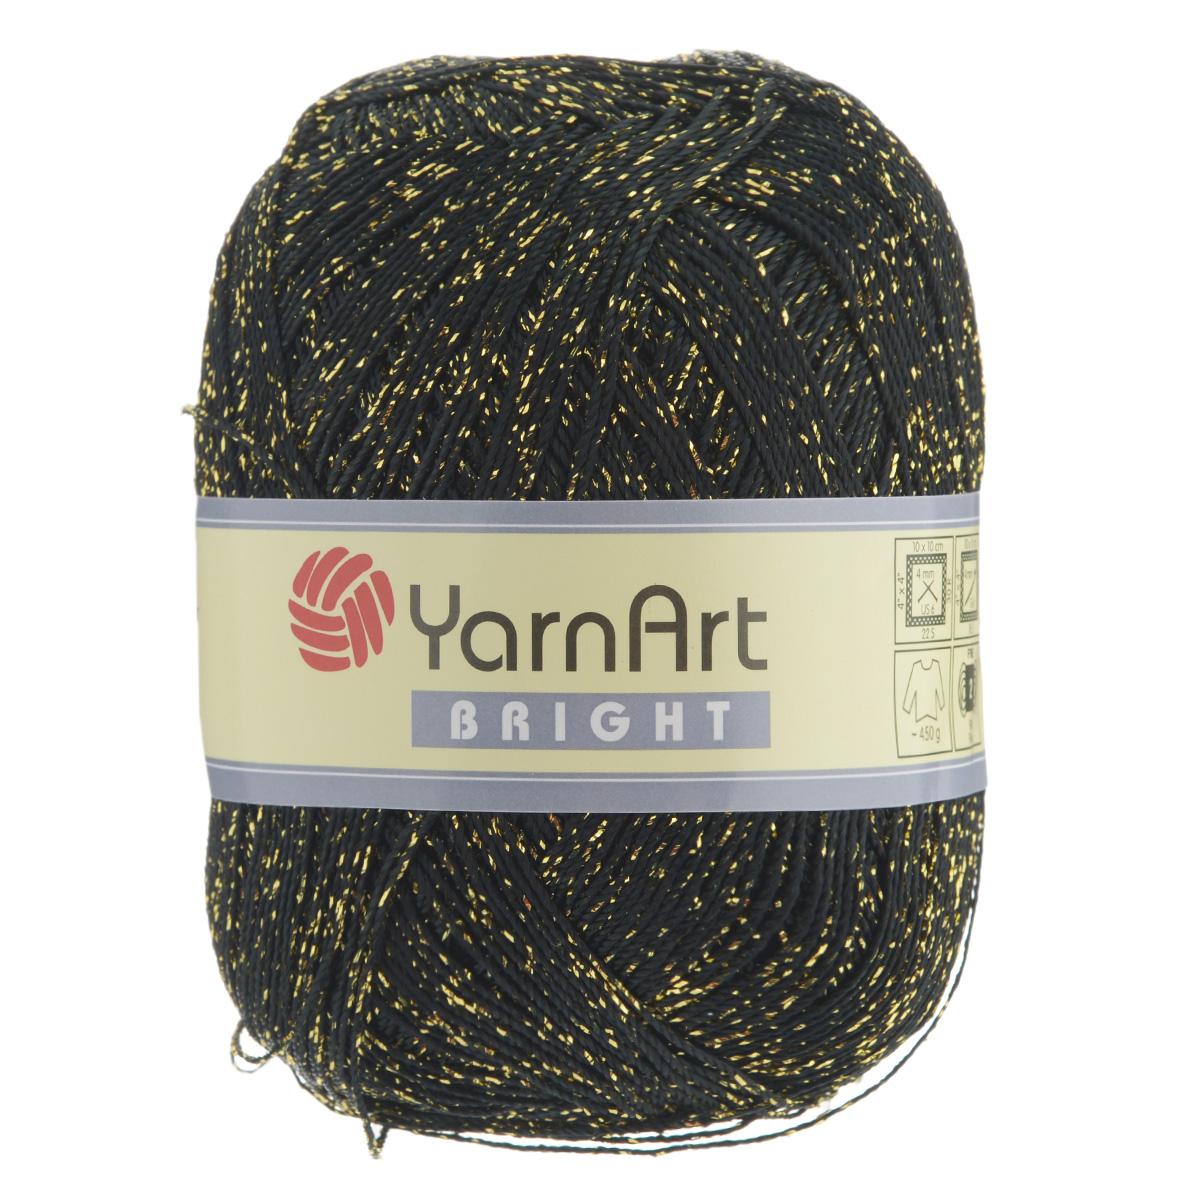 Пряжа для вязания YarnArt Bright, цвет: черный, золотой (105), 340 м, 90 г, 6 шт372010_105С фантазийной пряжей YarnArt Bright с металлизированным полиэстером вязаные изделия приобретут оригинальный вид. Из такой пряжи можно вязать изделие целиком или использовать ее для отделки. В основном вяжут из таких ниток нарядные вещи - болеро, блузки, топики, платья, юбки, пуловеры и т. д. В настоящее время вязание плотно вошло в нашу жизнь, причем не столько в виде привычных свитеров, сколько в виде оригинальных, изящных моделей из самой разнообразной пряжи. Поэтому так важно подобрать именно ту пряжу, которая позволит вам связать даже самую сложную и необычную модель изделия. Комплектация: 6 мотков. Состав: 80% полиэстер, 20% металлизированный полиэстер. Допускается машинная стирка 40°C. Рекомендованы спицы и крючок 4 мм.